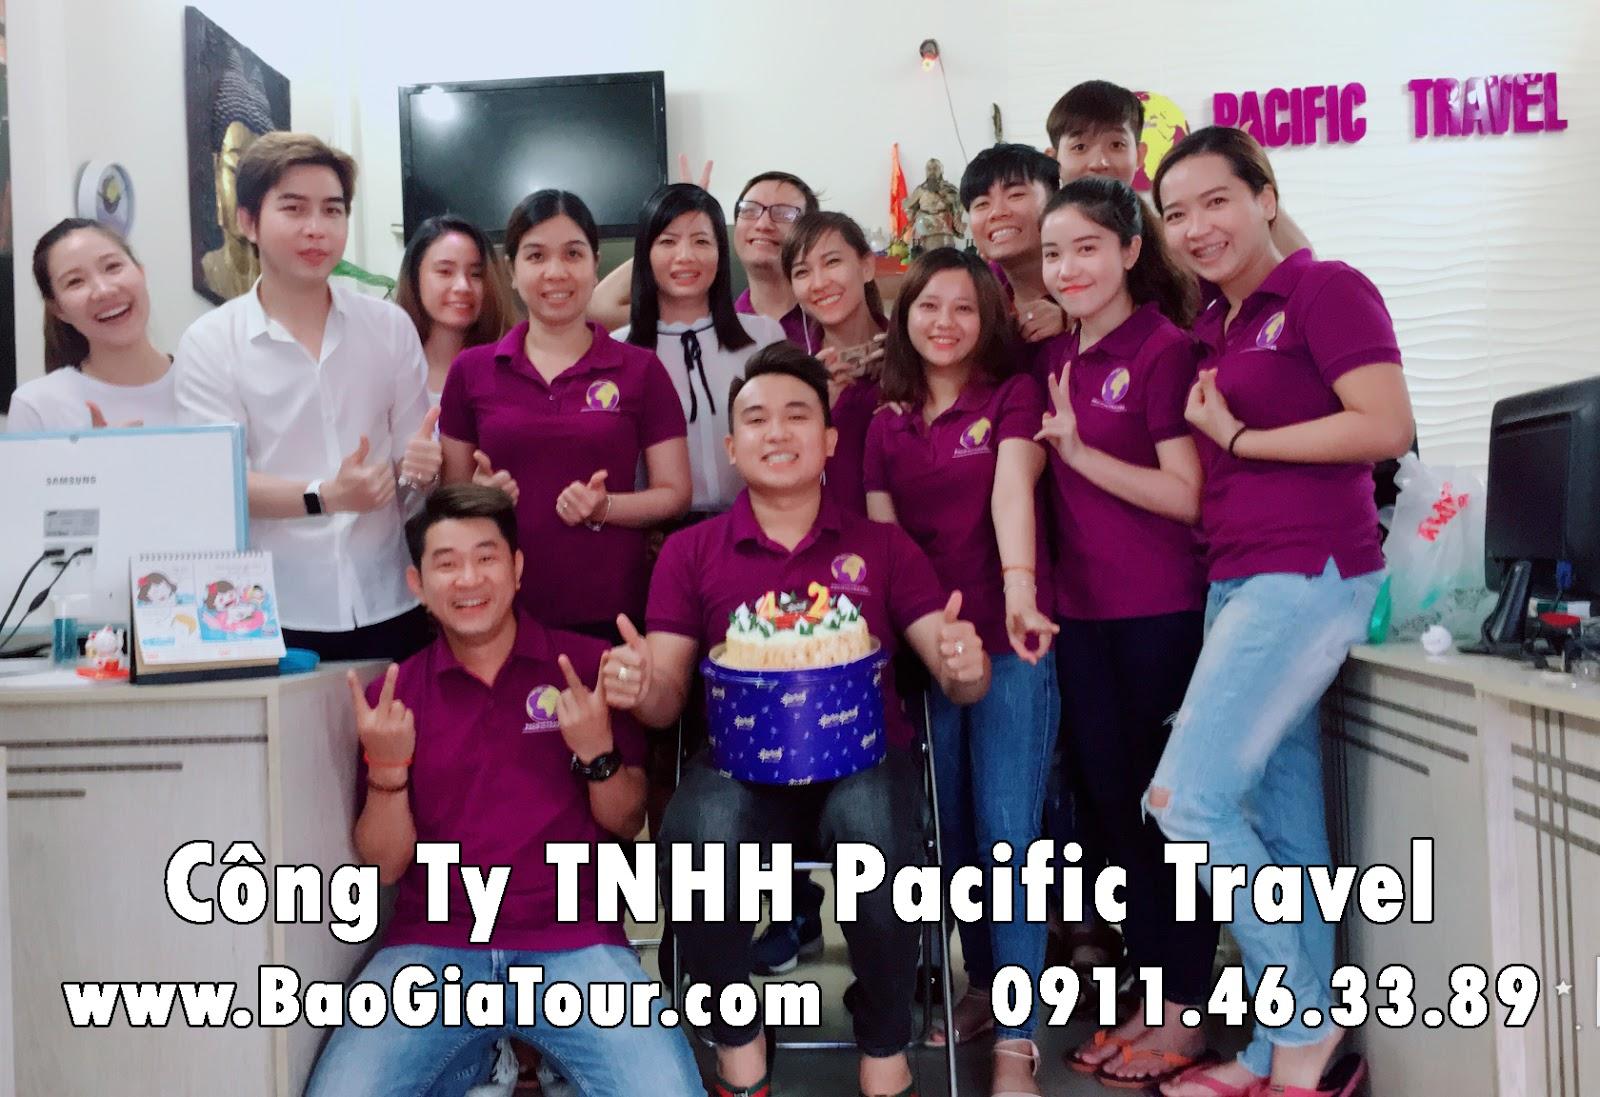 Địa chỉ văn phòng Công Ty TNHH Pacific Travel TPHCM